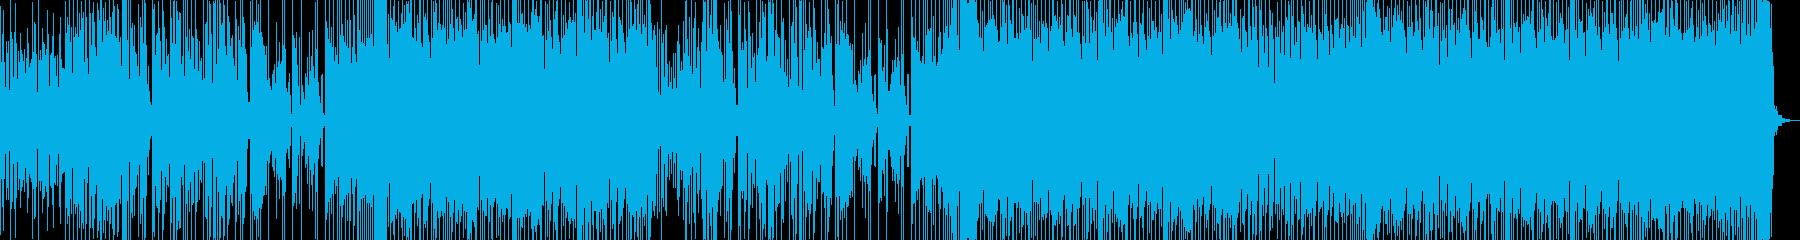 きらきらFuture Bassの再生済みの波形